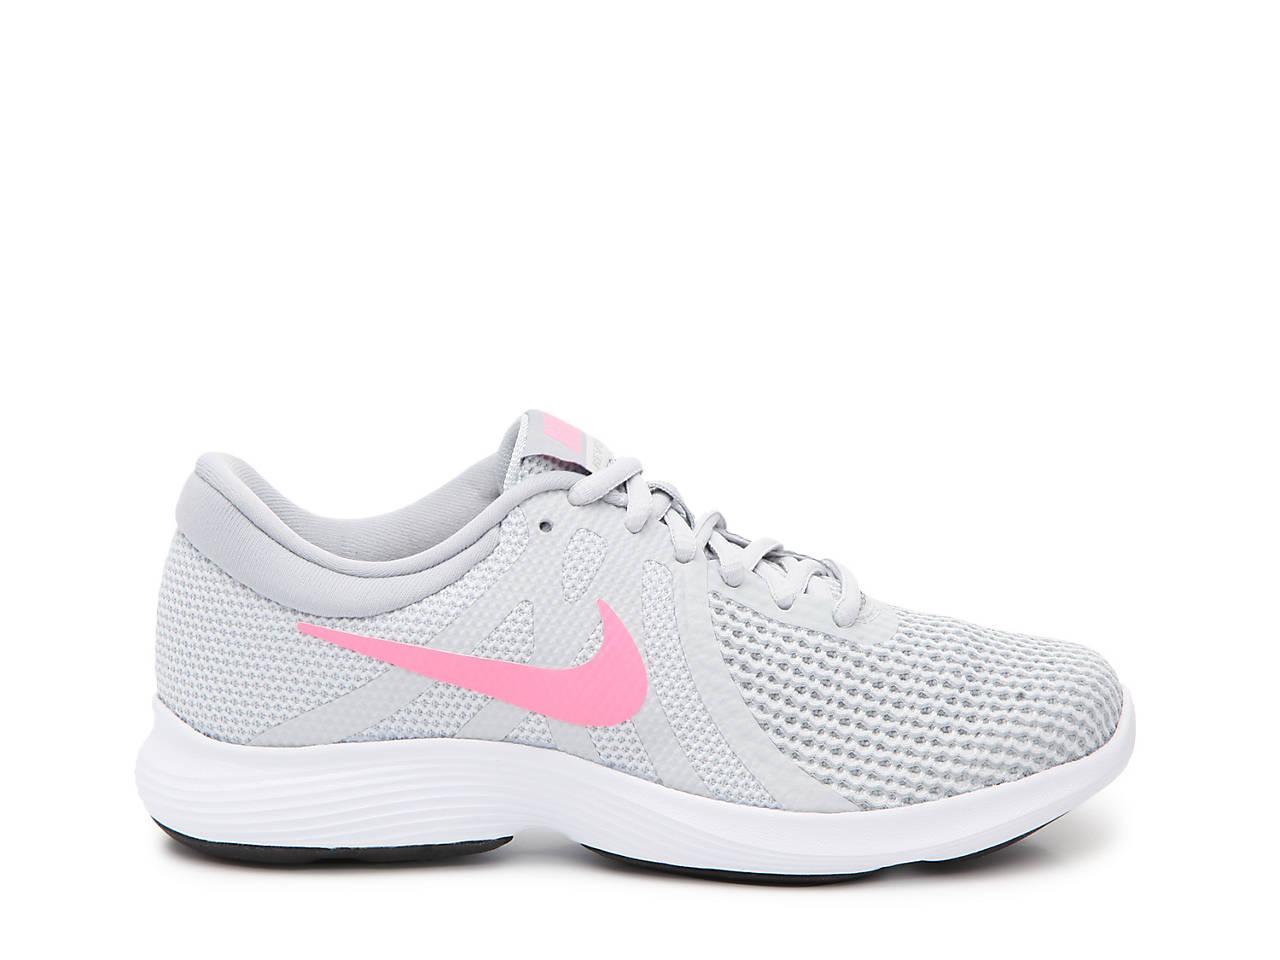 c13d182854a Nike Revolution 4 Lightweight Running Shoe - Women s Women s Shoes